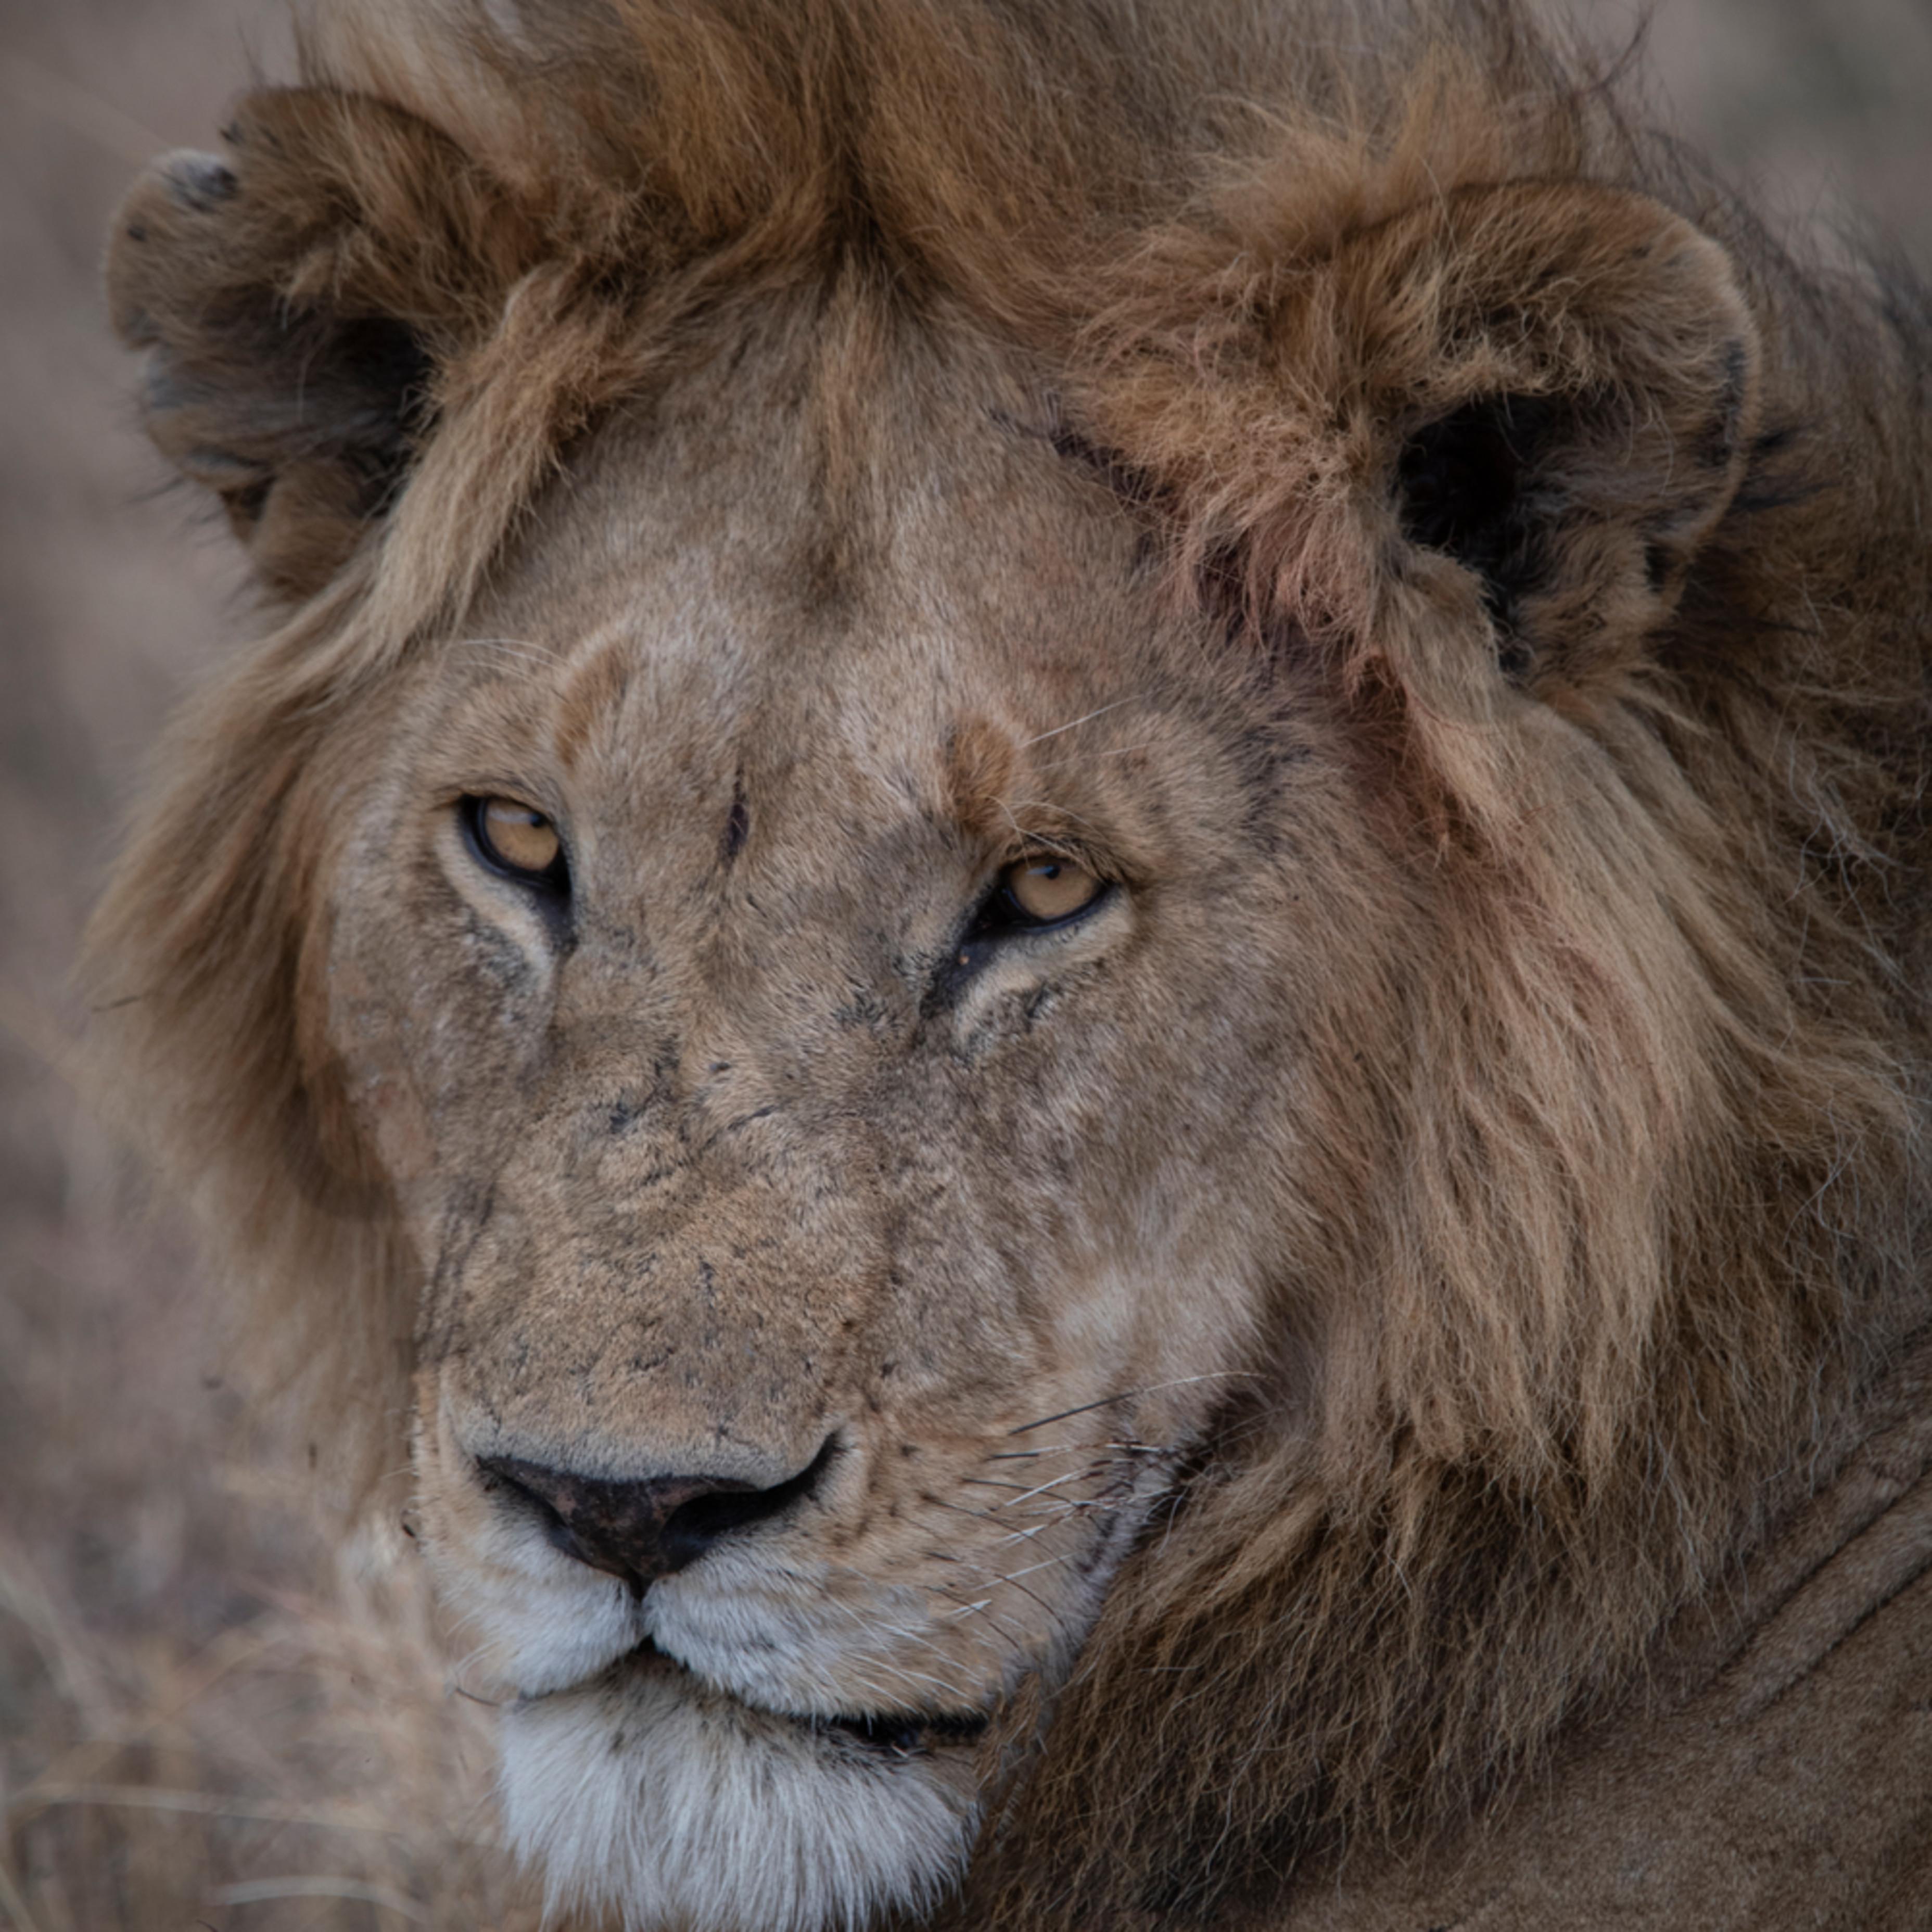 Jps lion 5 qh5toj